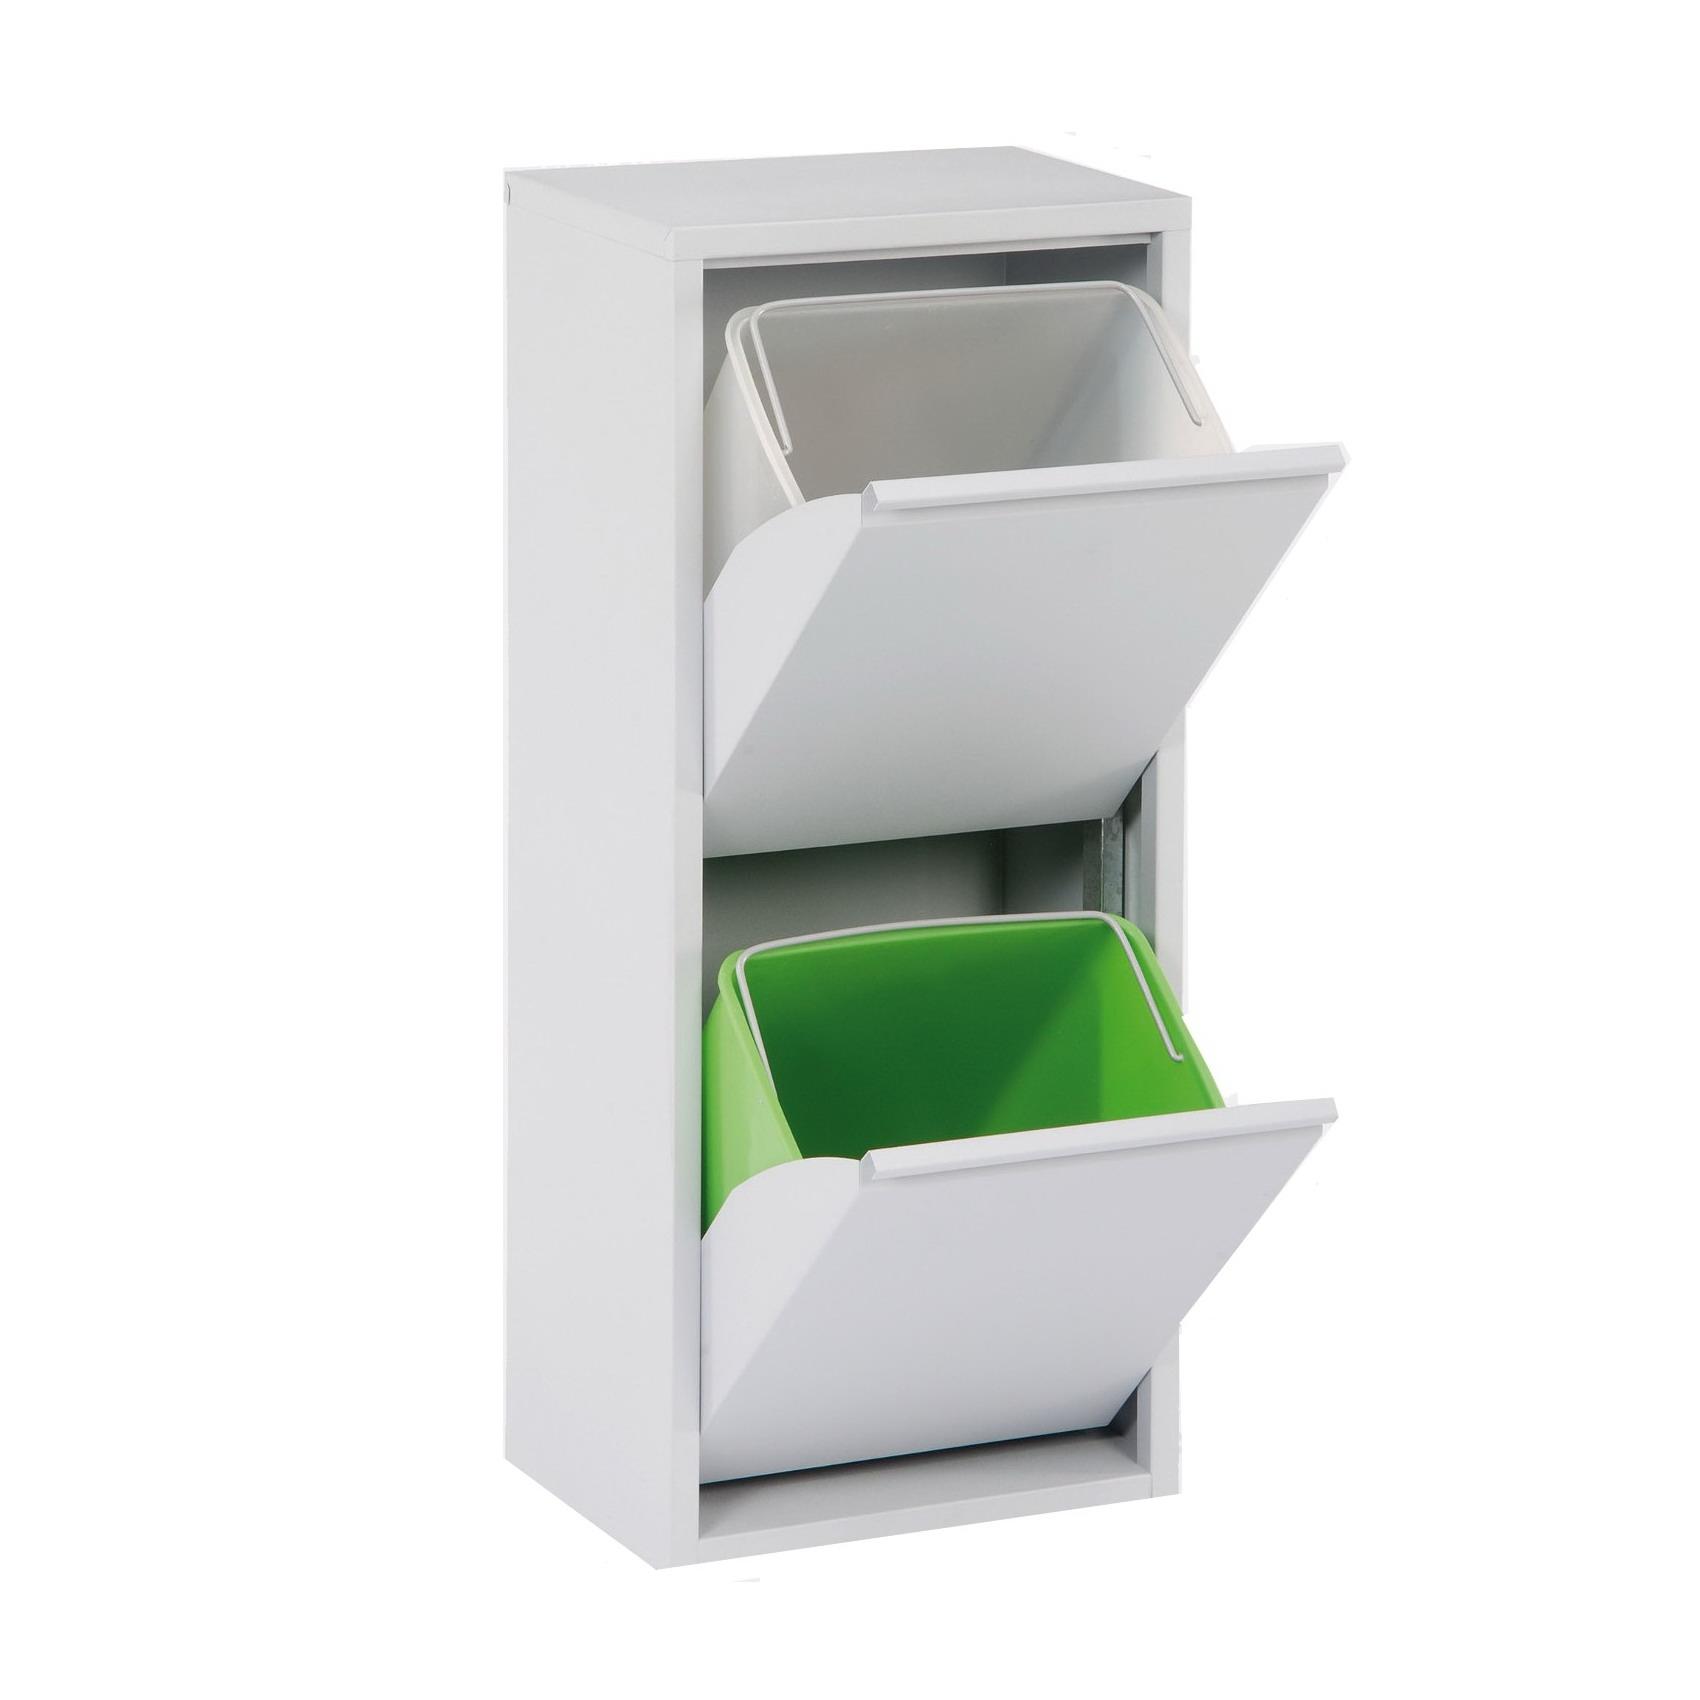 Designové odpakové koše na třídění odpadu Pat